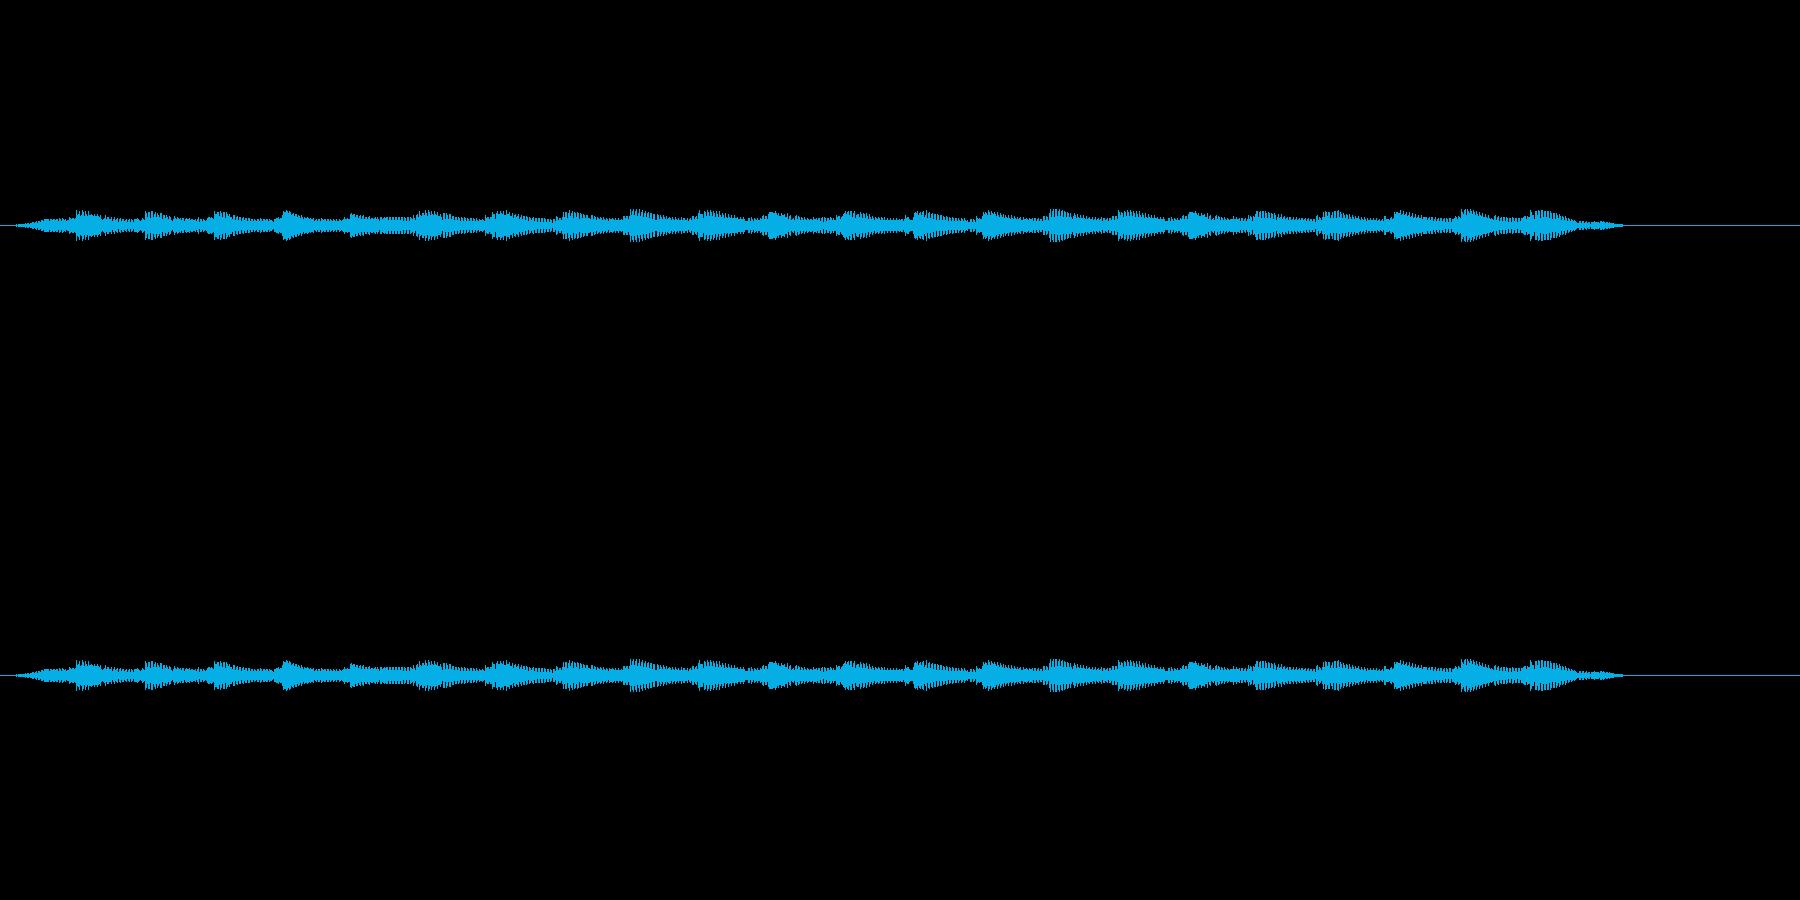 カンカンとなる踏切音の再生済みの波形